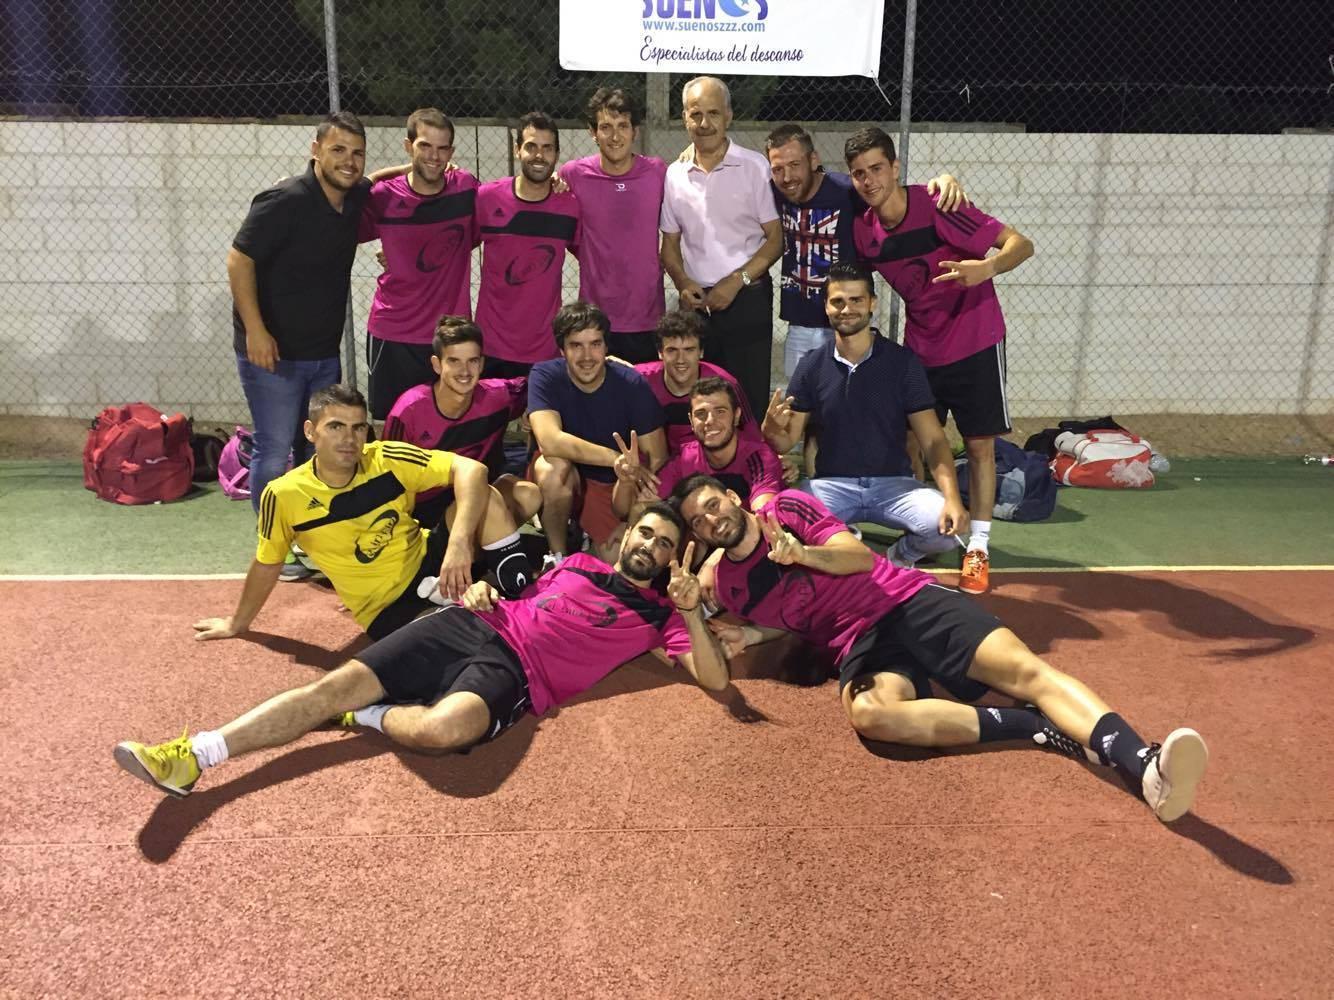 equipo sinfin de herencia en maraton futbol sala puerto lapice